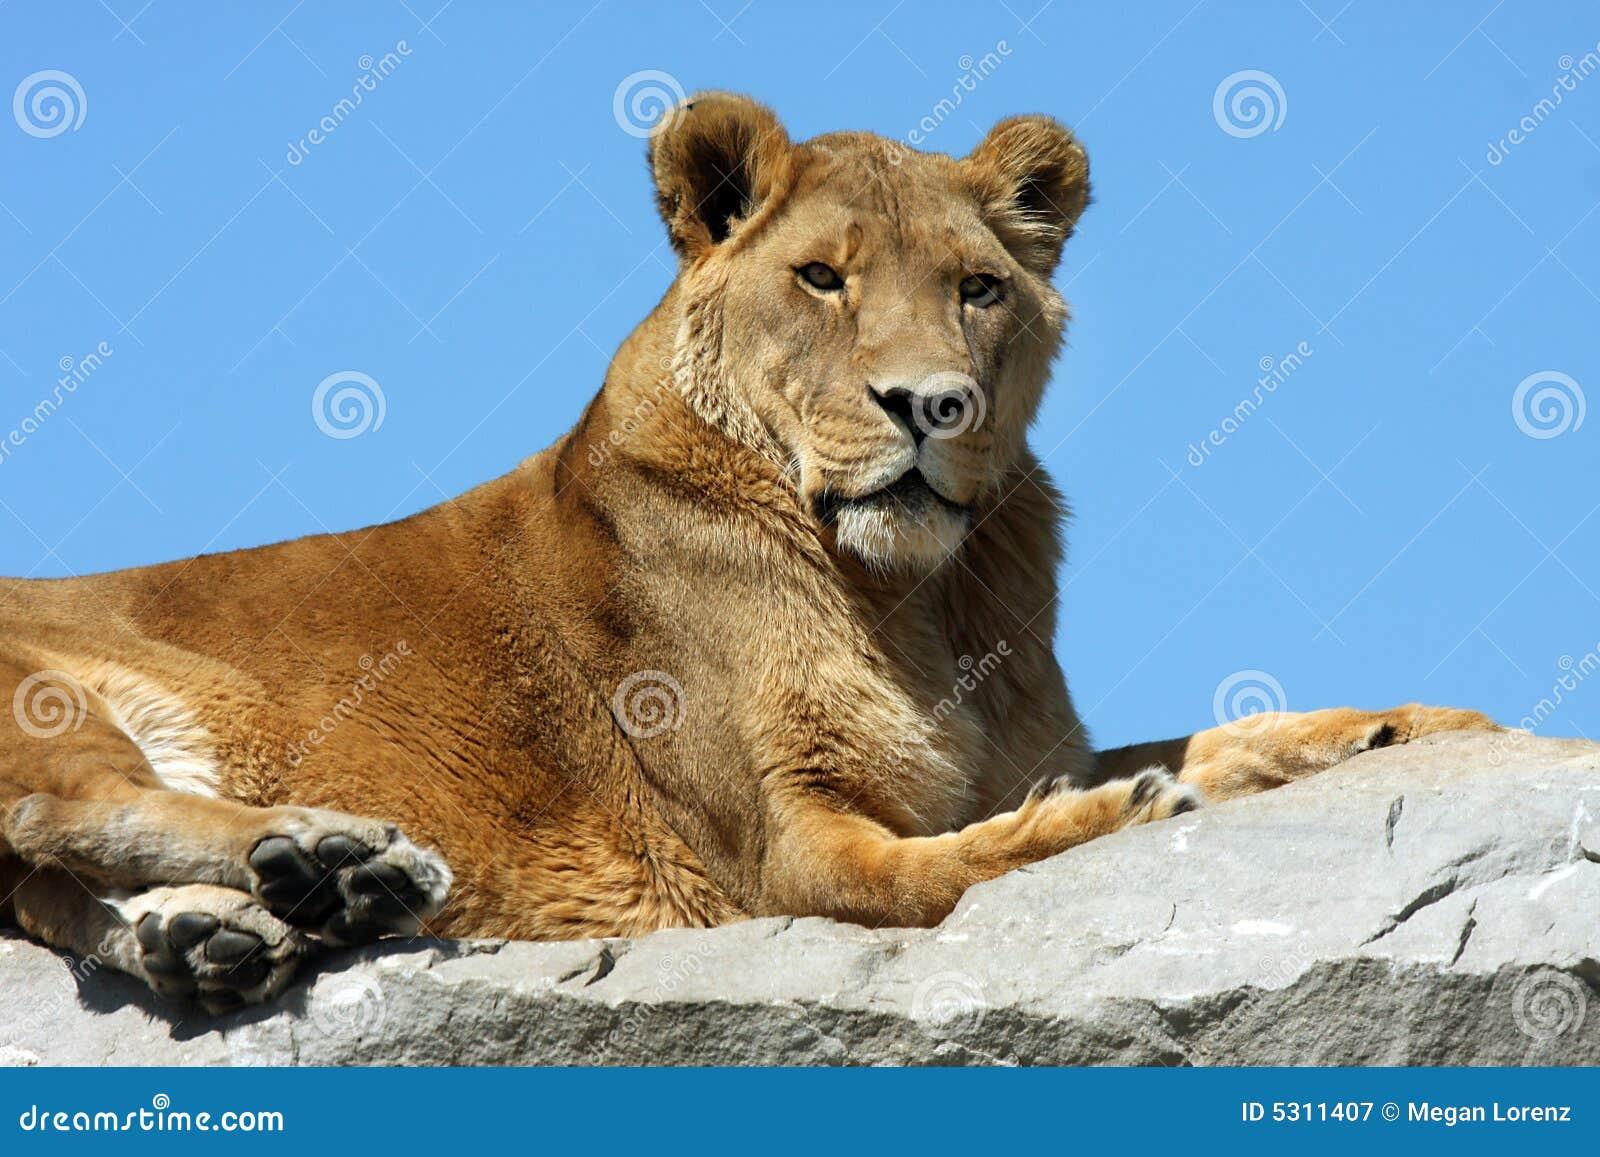 Download Leone nel cielo immagine stock. Immagine di africano, porre - 5311407